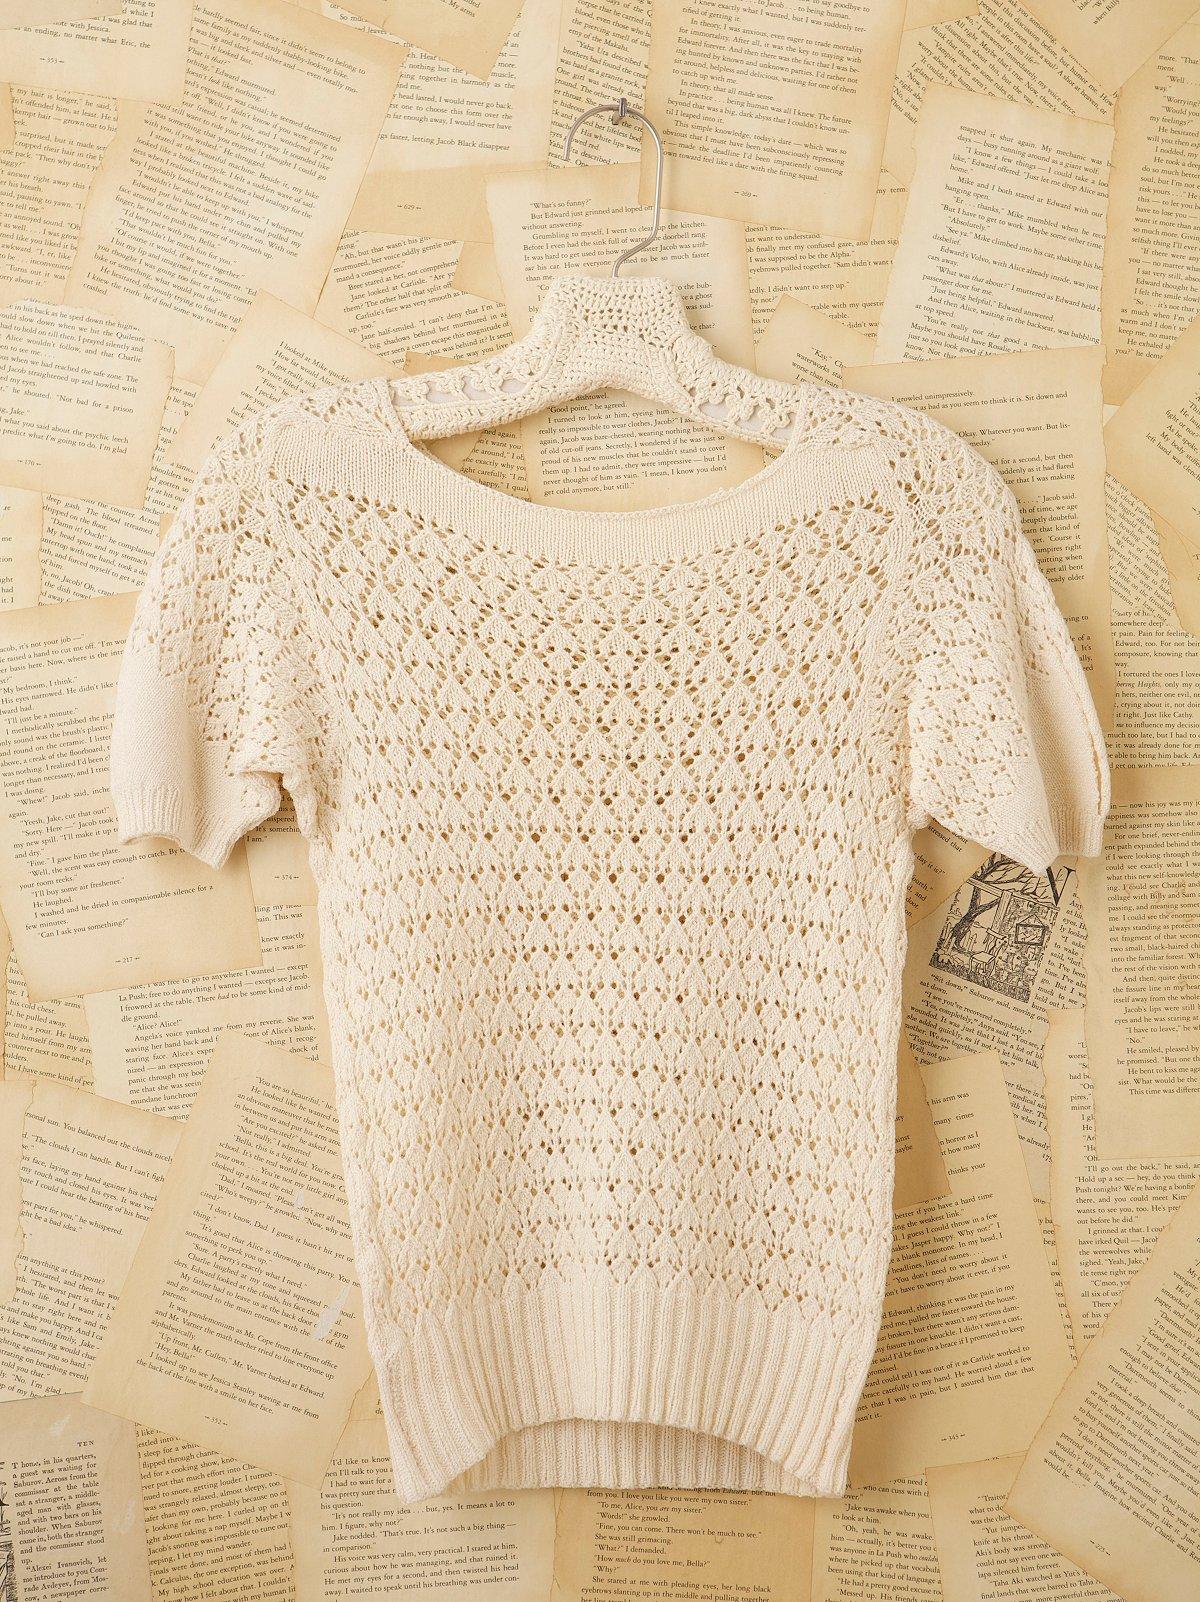 Vintage 1930s Crochet Top